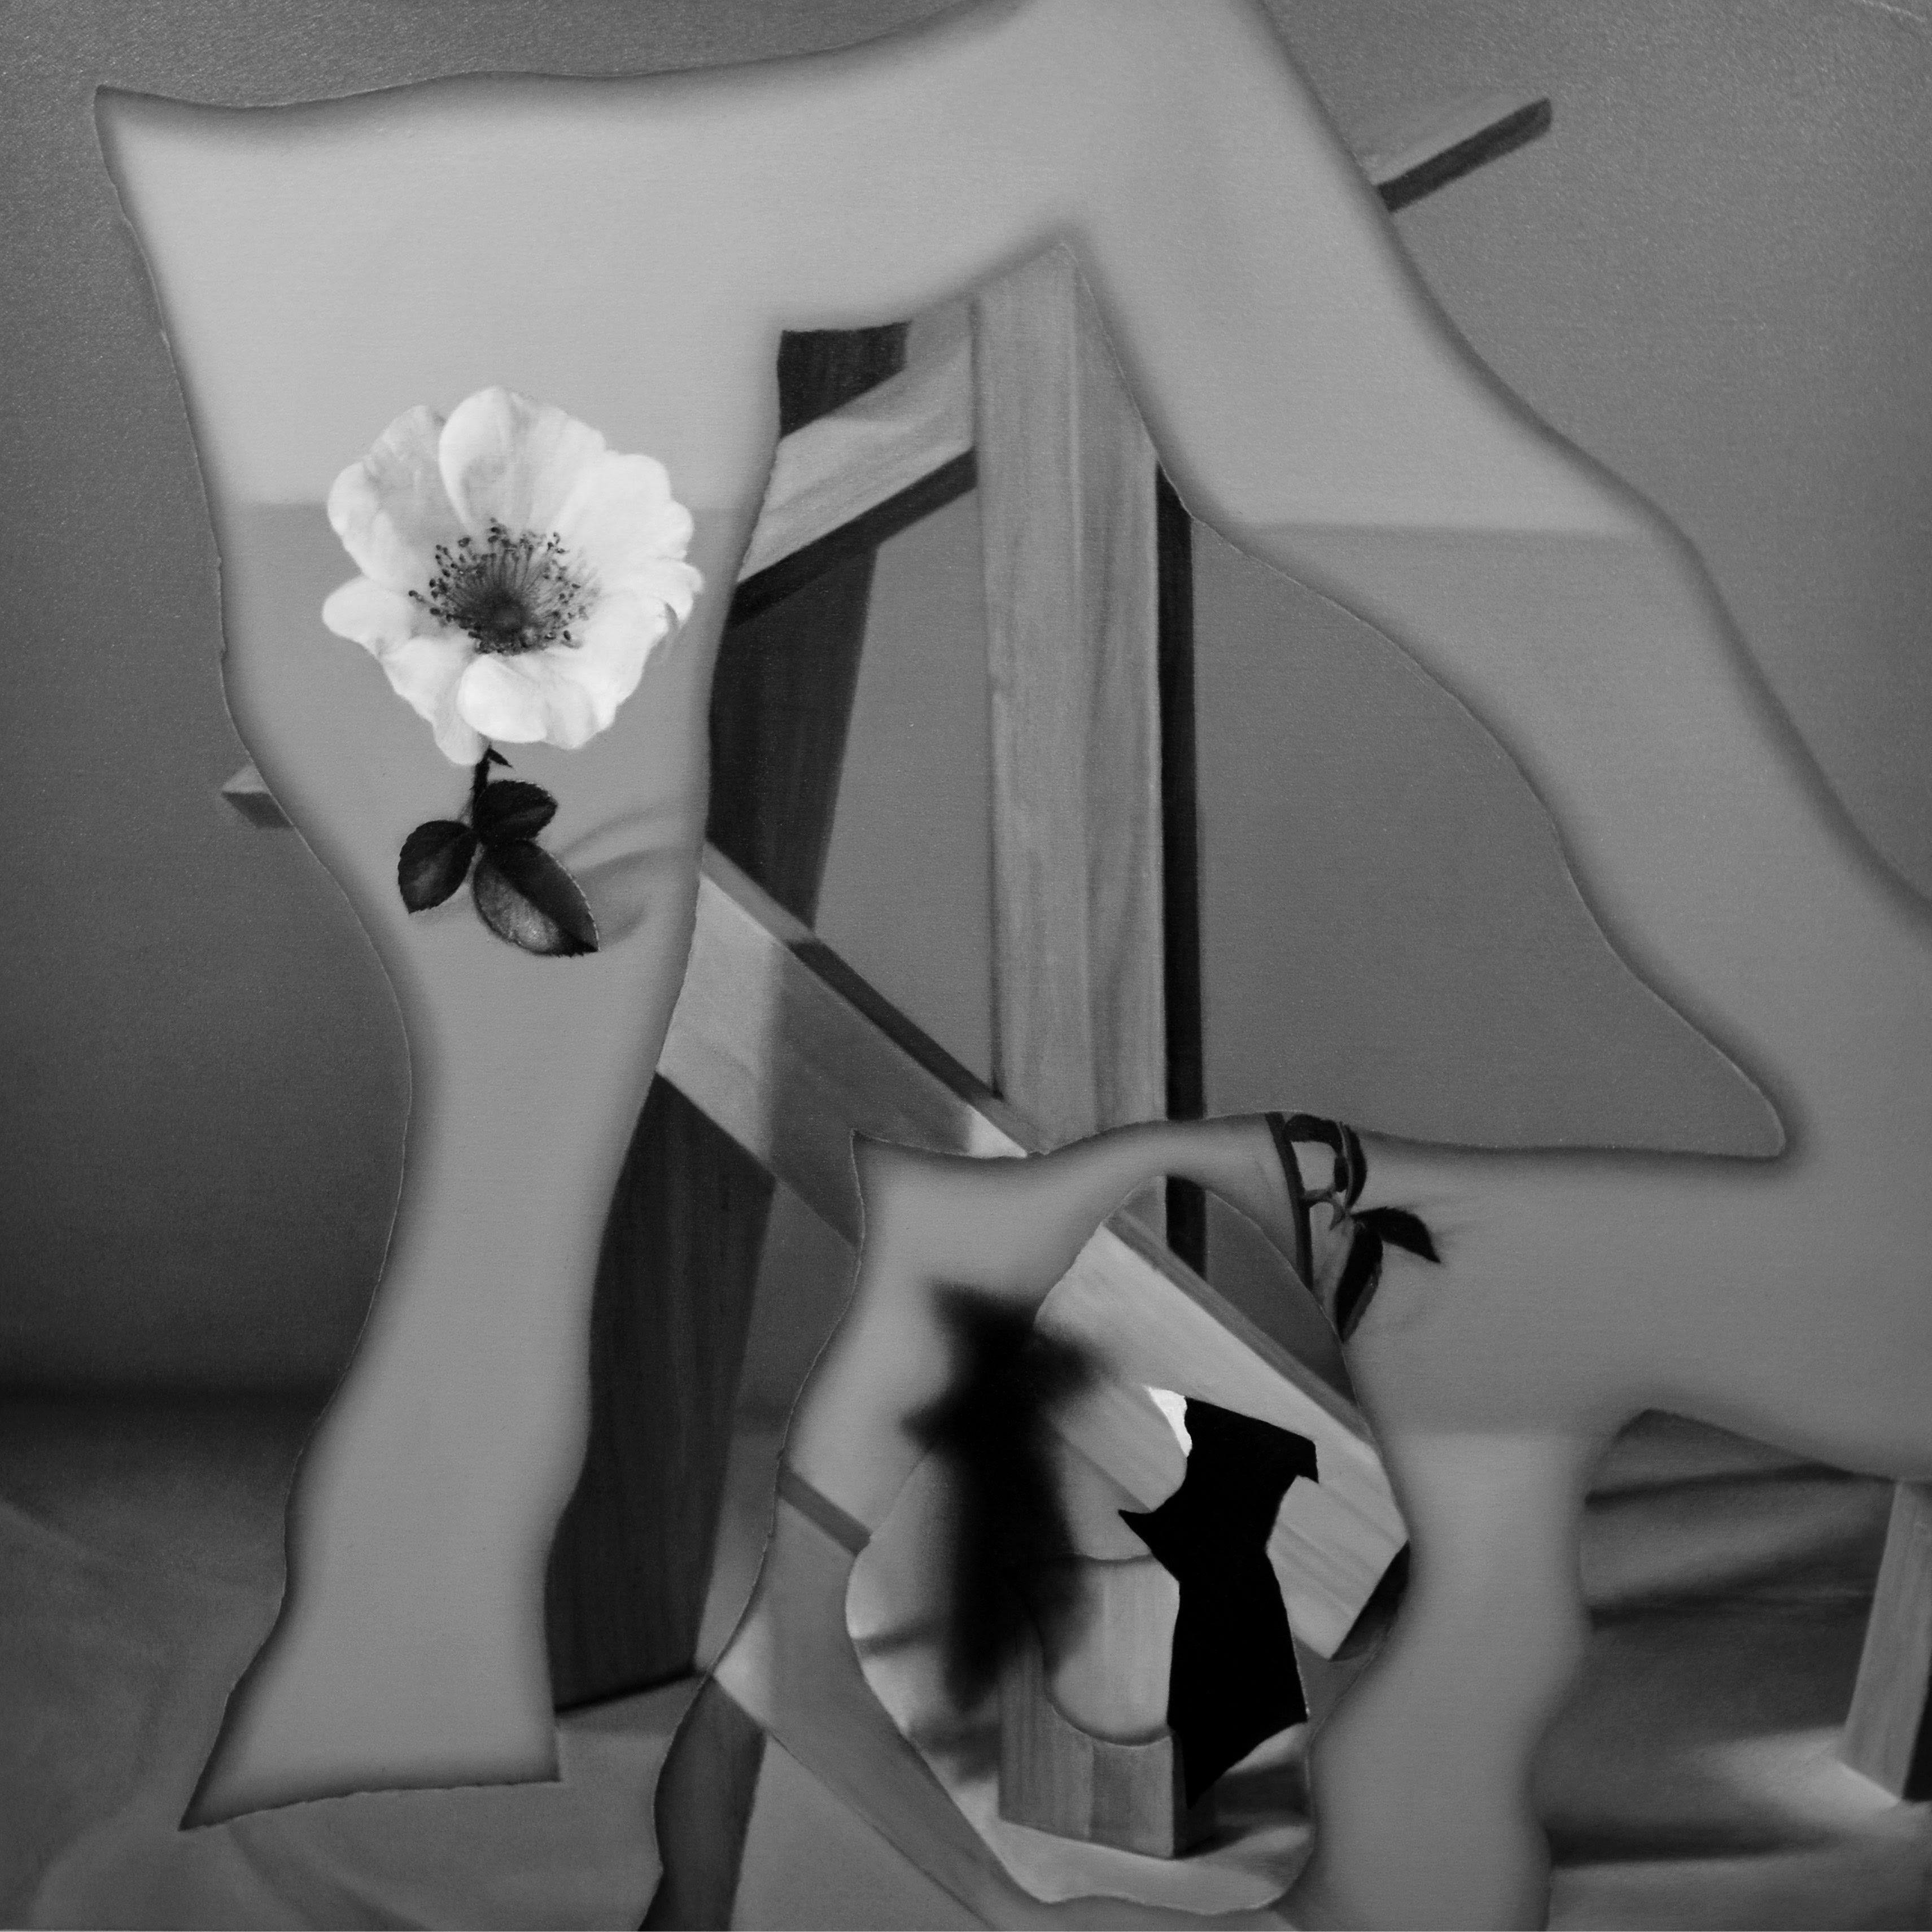 ~飽くなきリアリズムへの追求~薄久保香 | 新作個展【今週のおすすめアート】